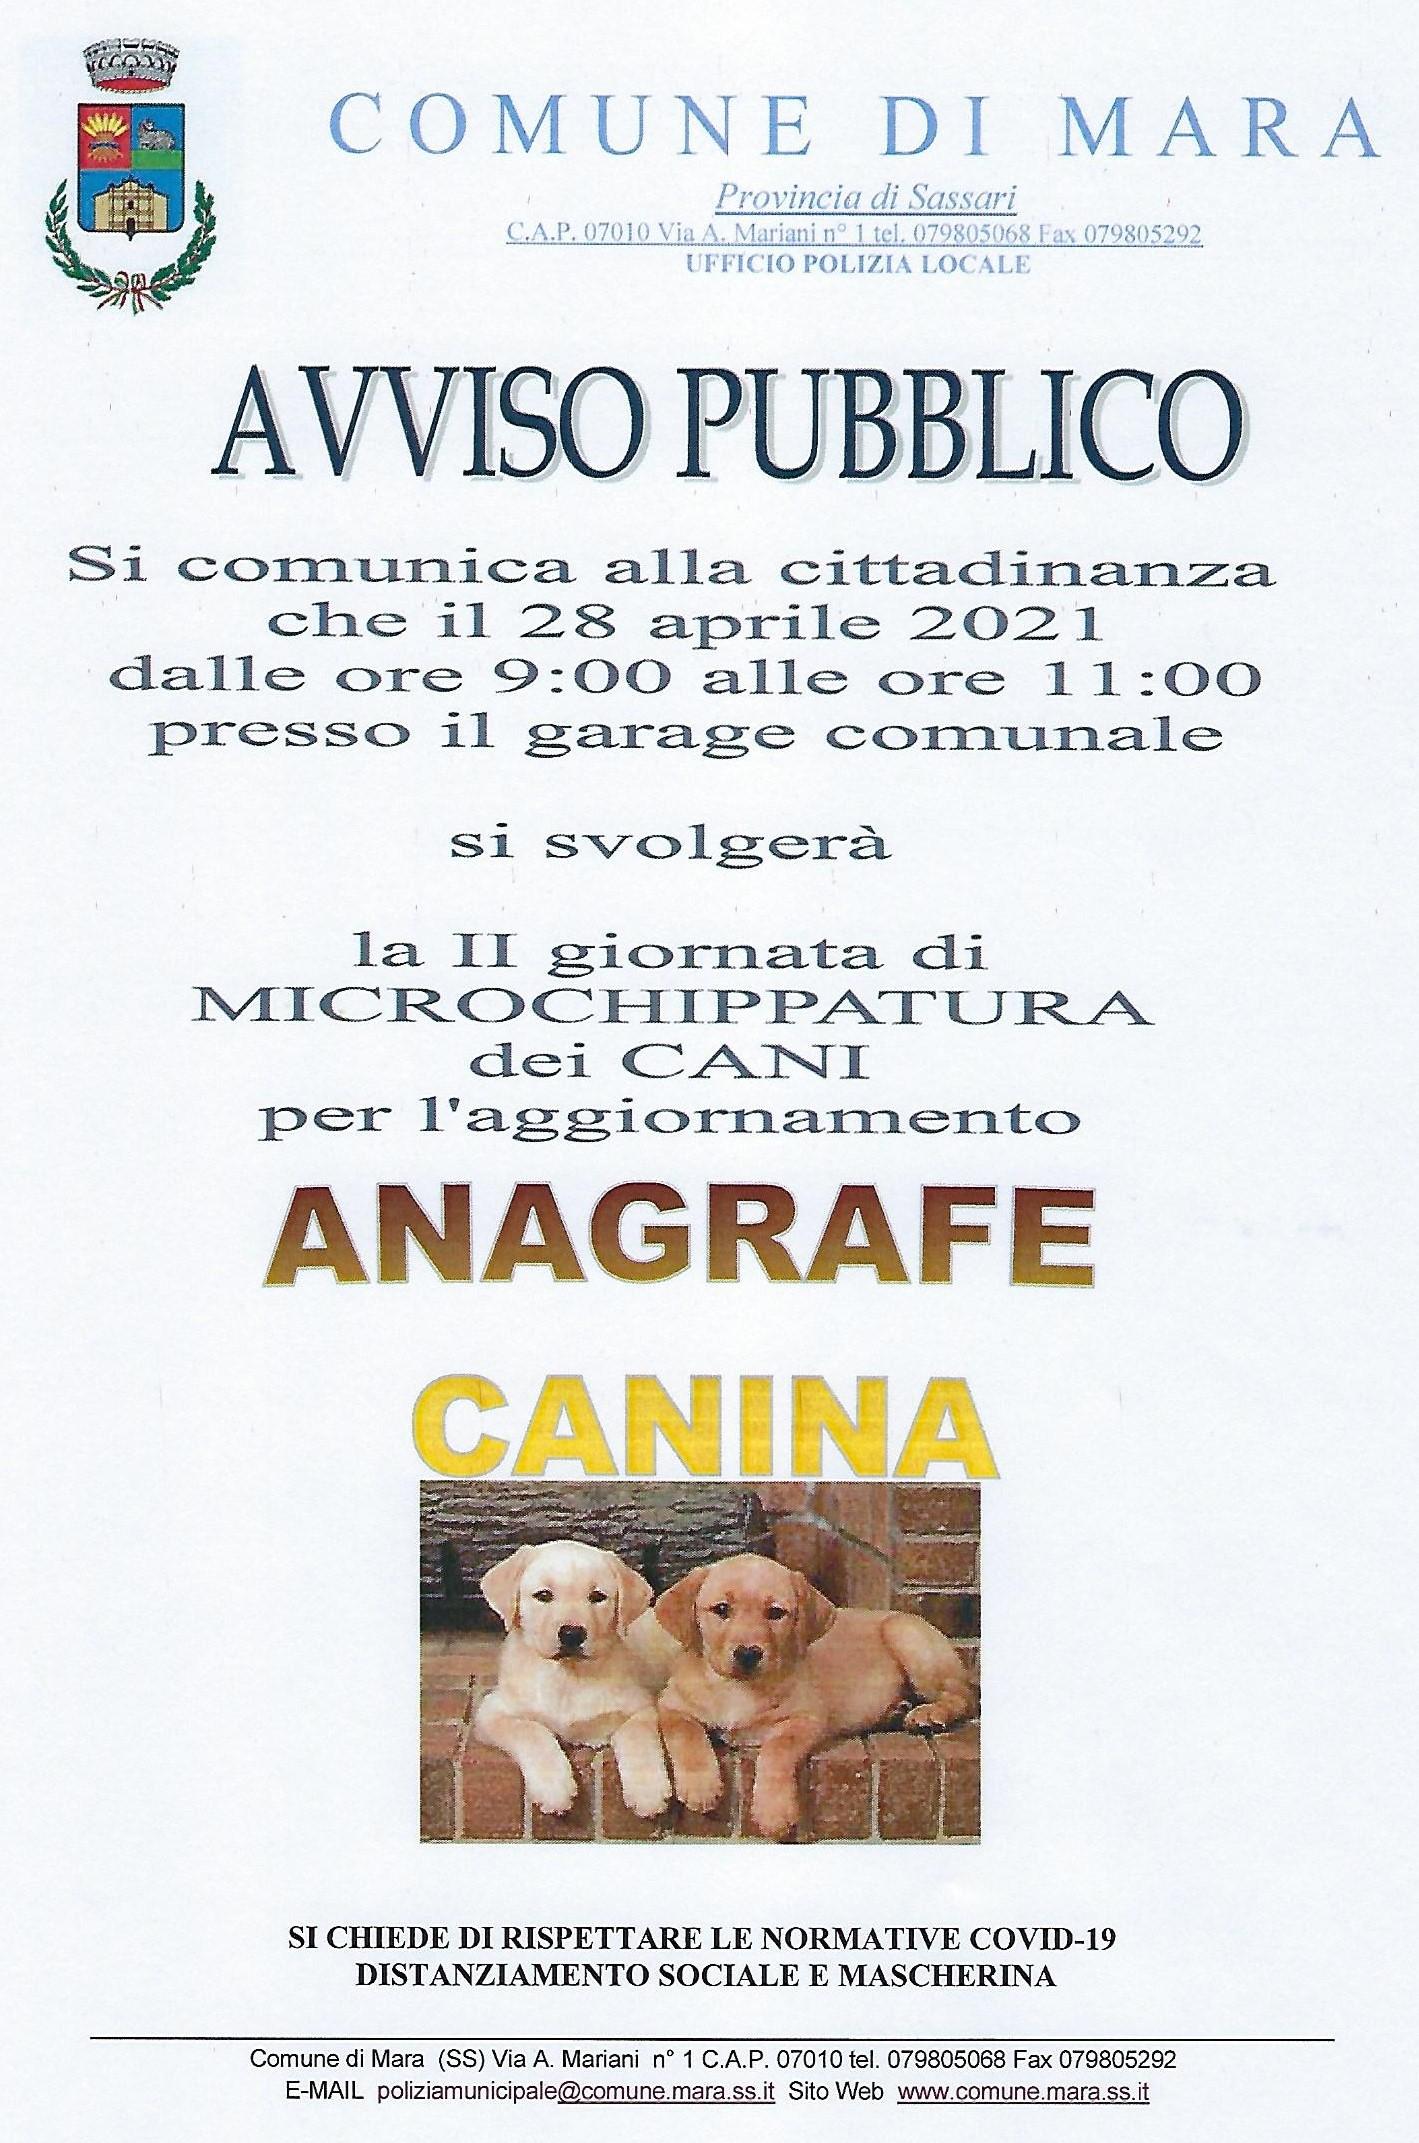 II GIORNATA DI MICROCHIPAZIONE ANAGRAFE CANINA